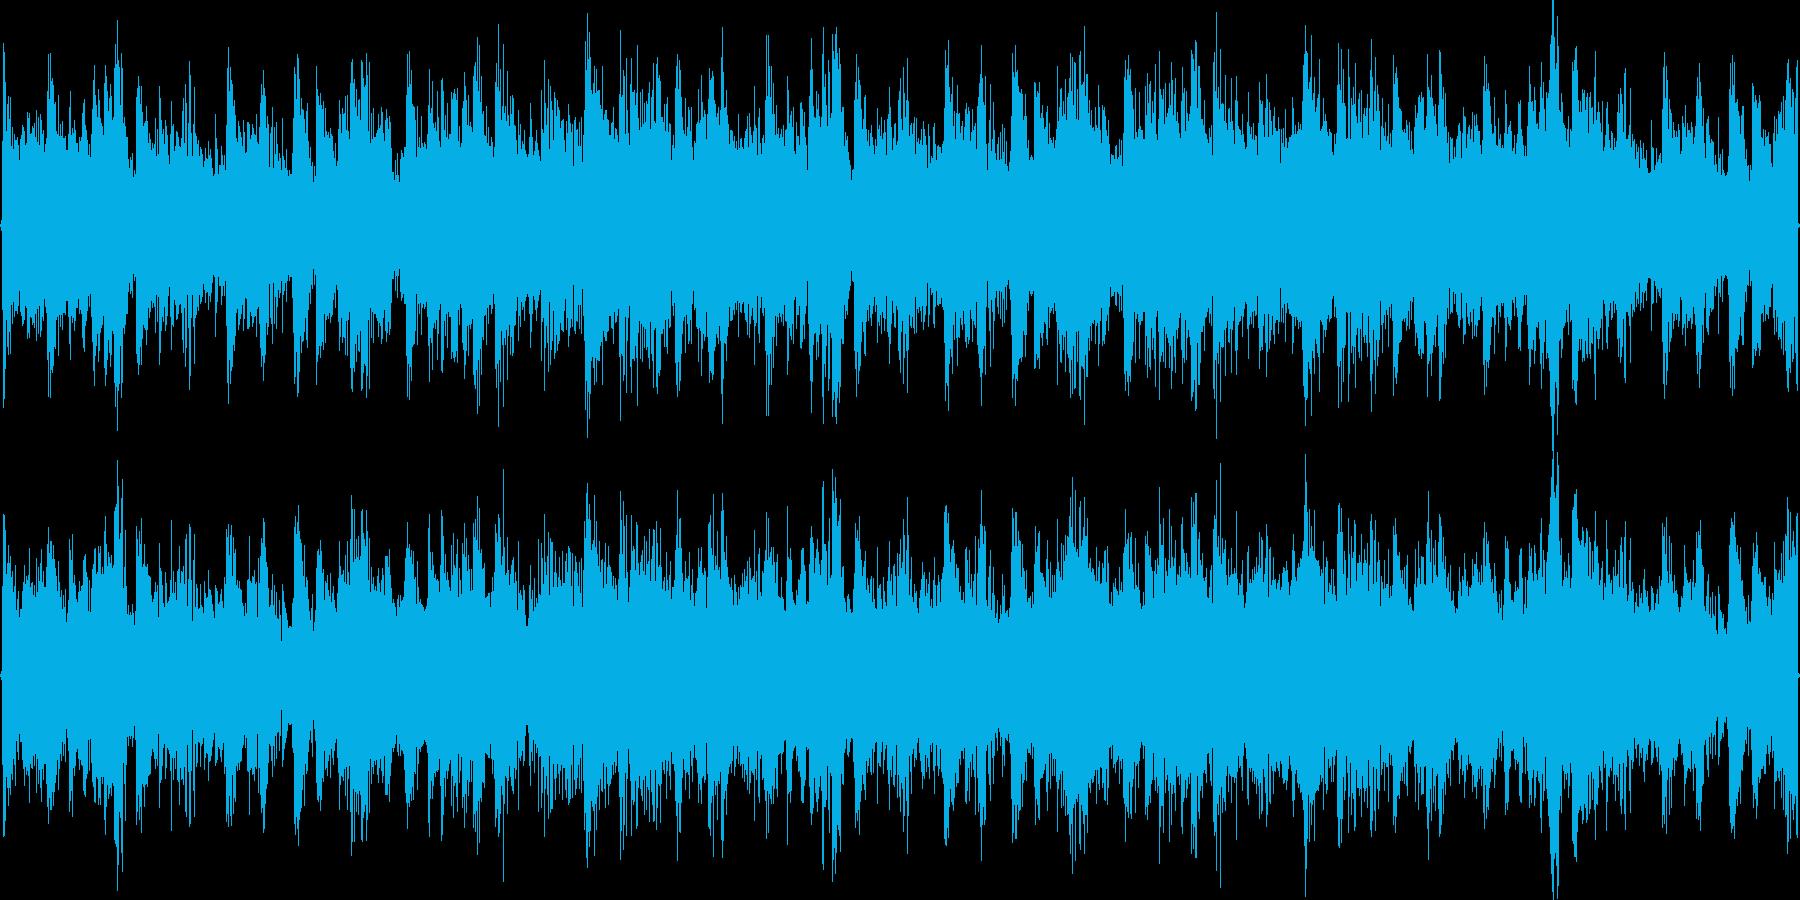 オールドスクールなBGM楽曲です。の再生済みの波形